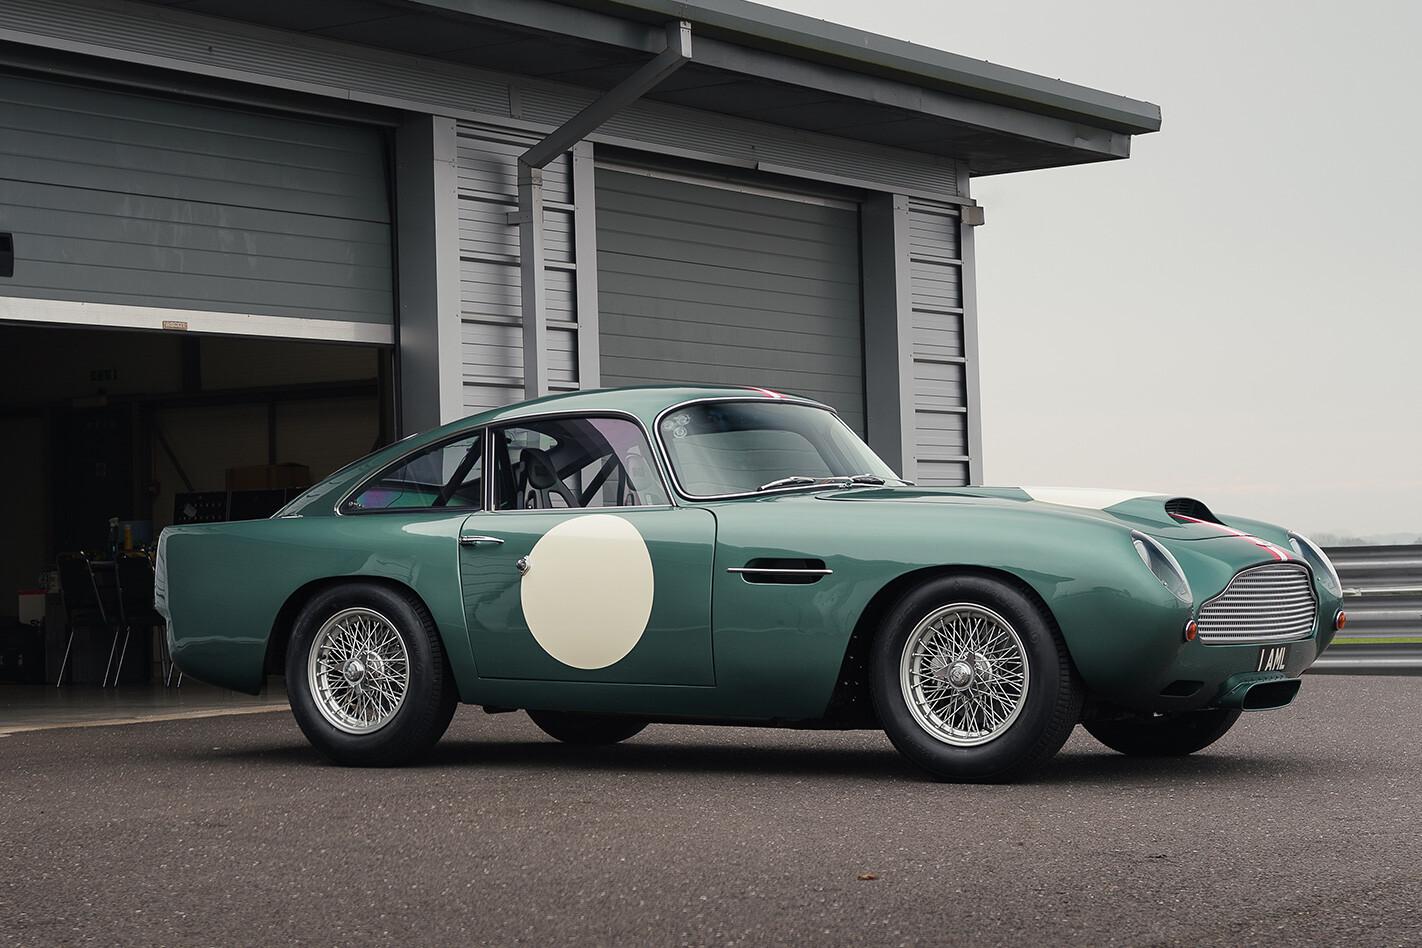 Aston Db 4 Gt Jpg